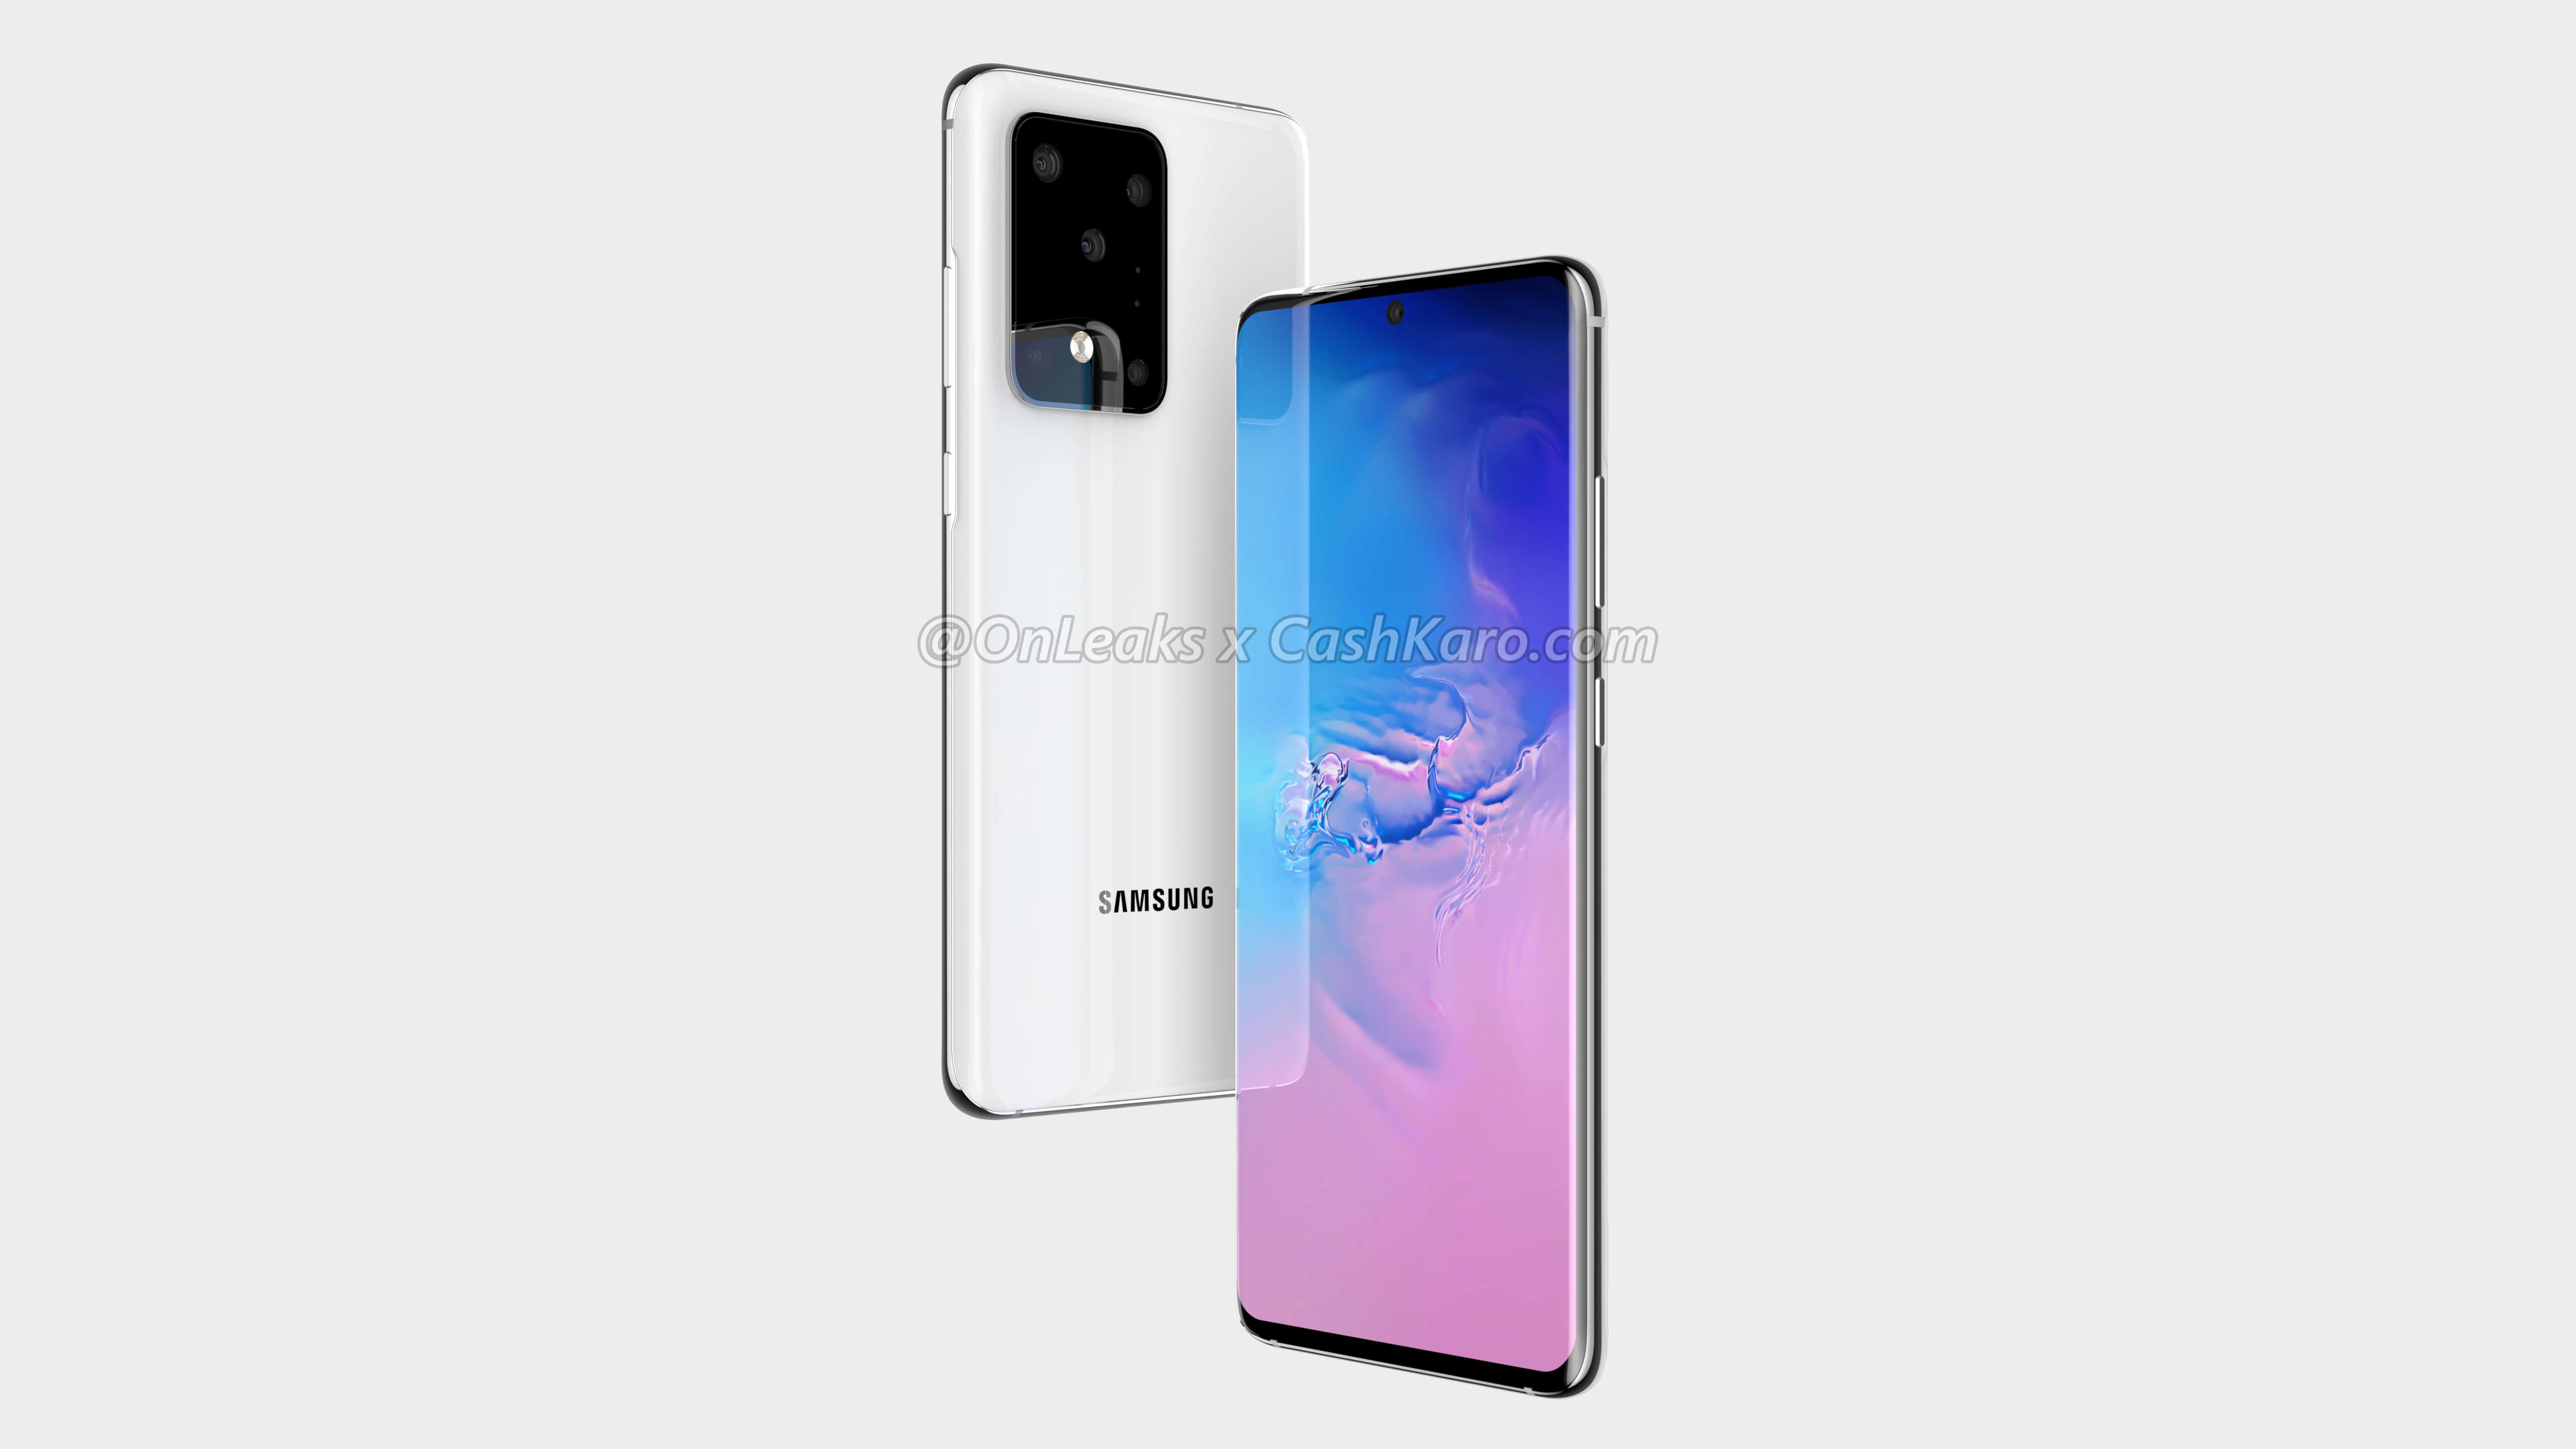 Samsung Galaxy S20 : le mode 120 Hz serait désactivé par défaut